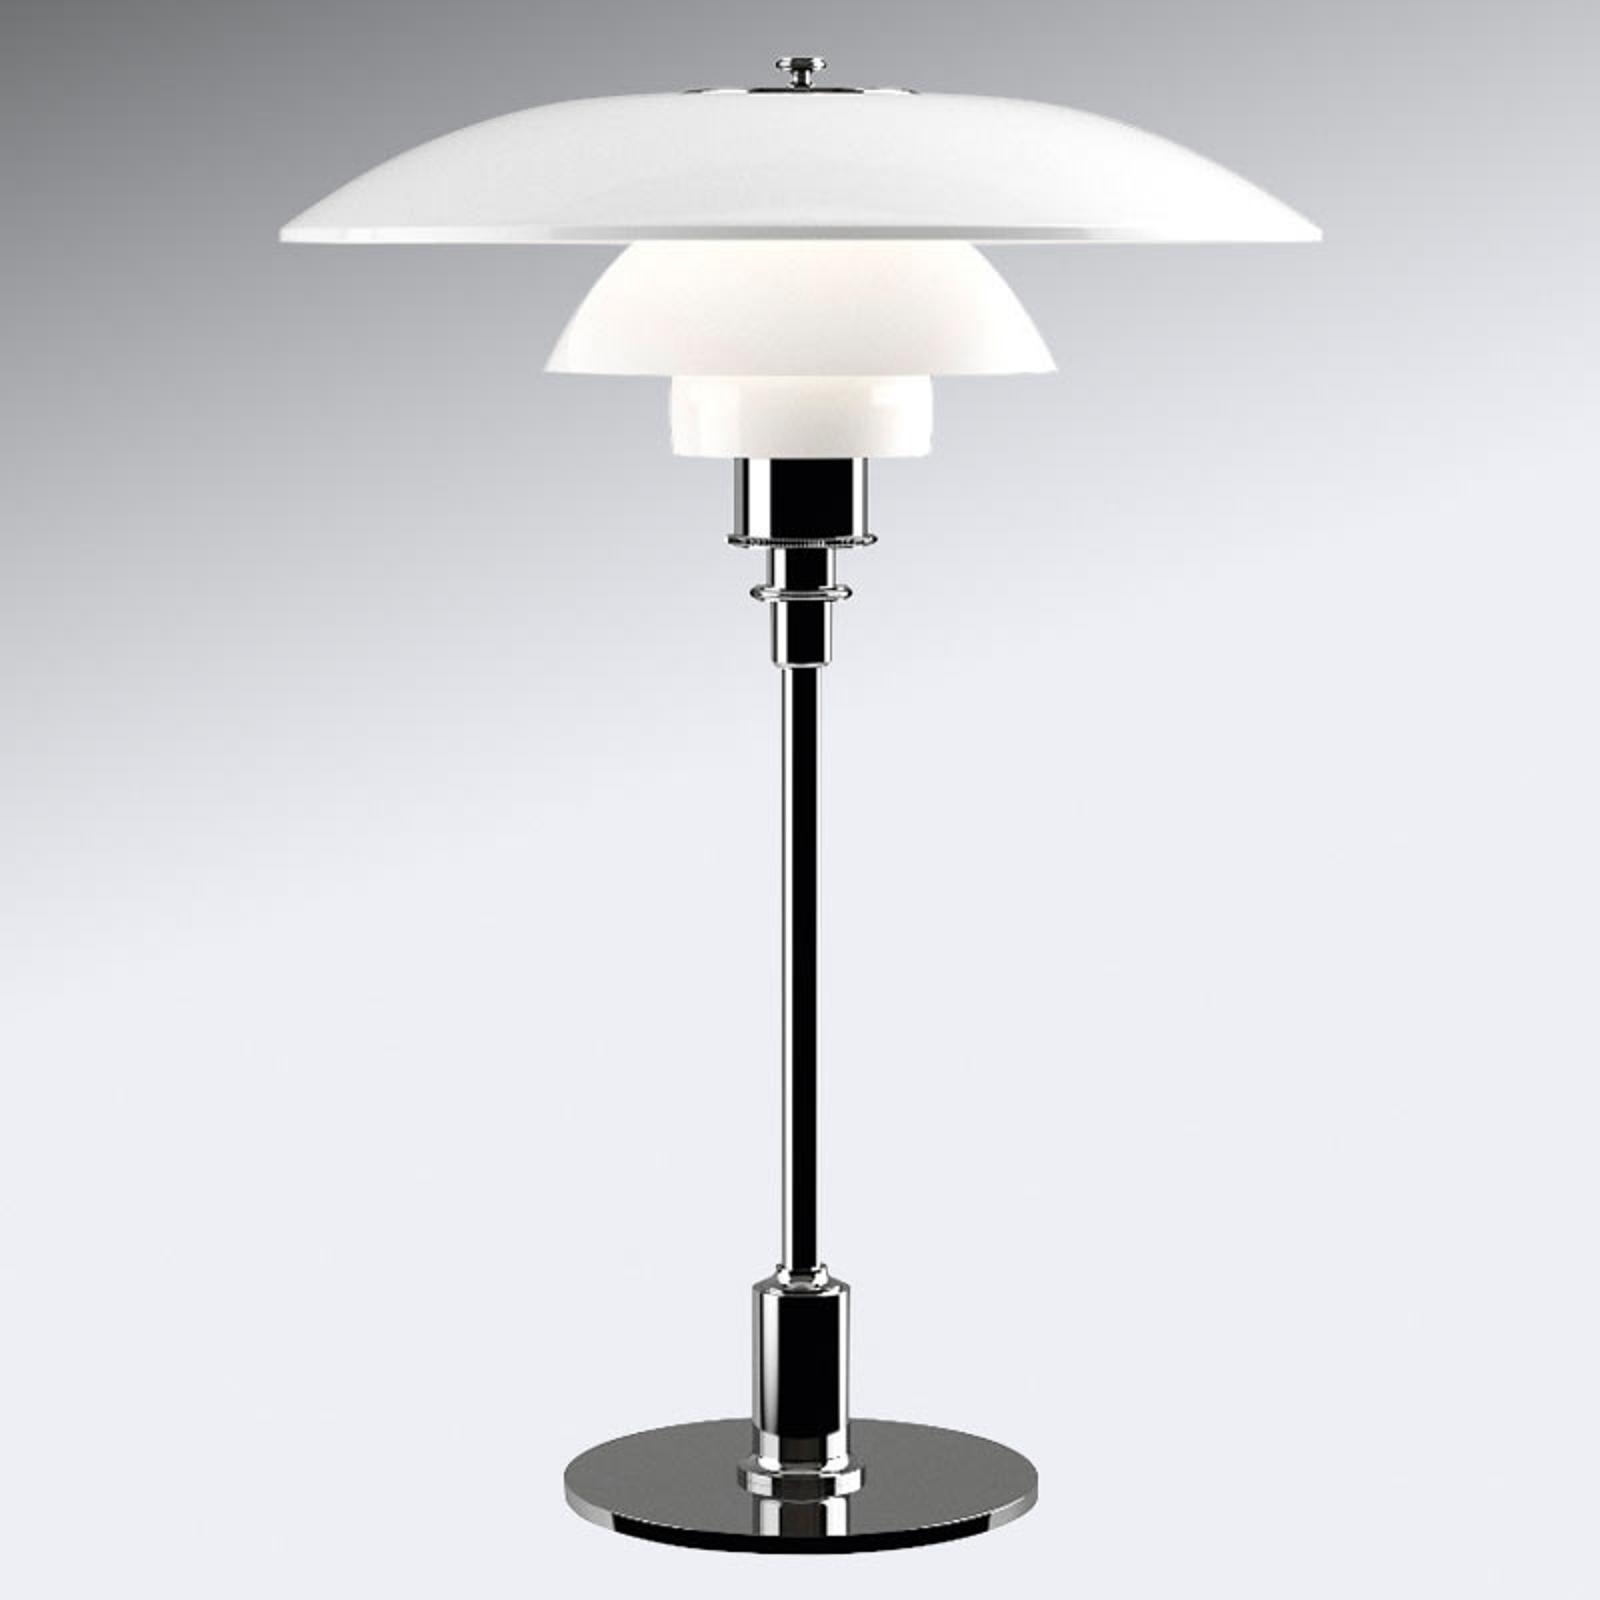 Tafellamp PH 3 1/2-2 1/2